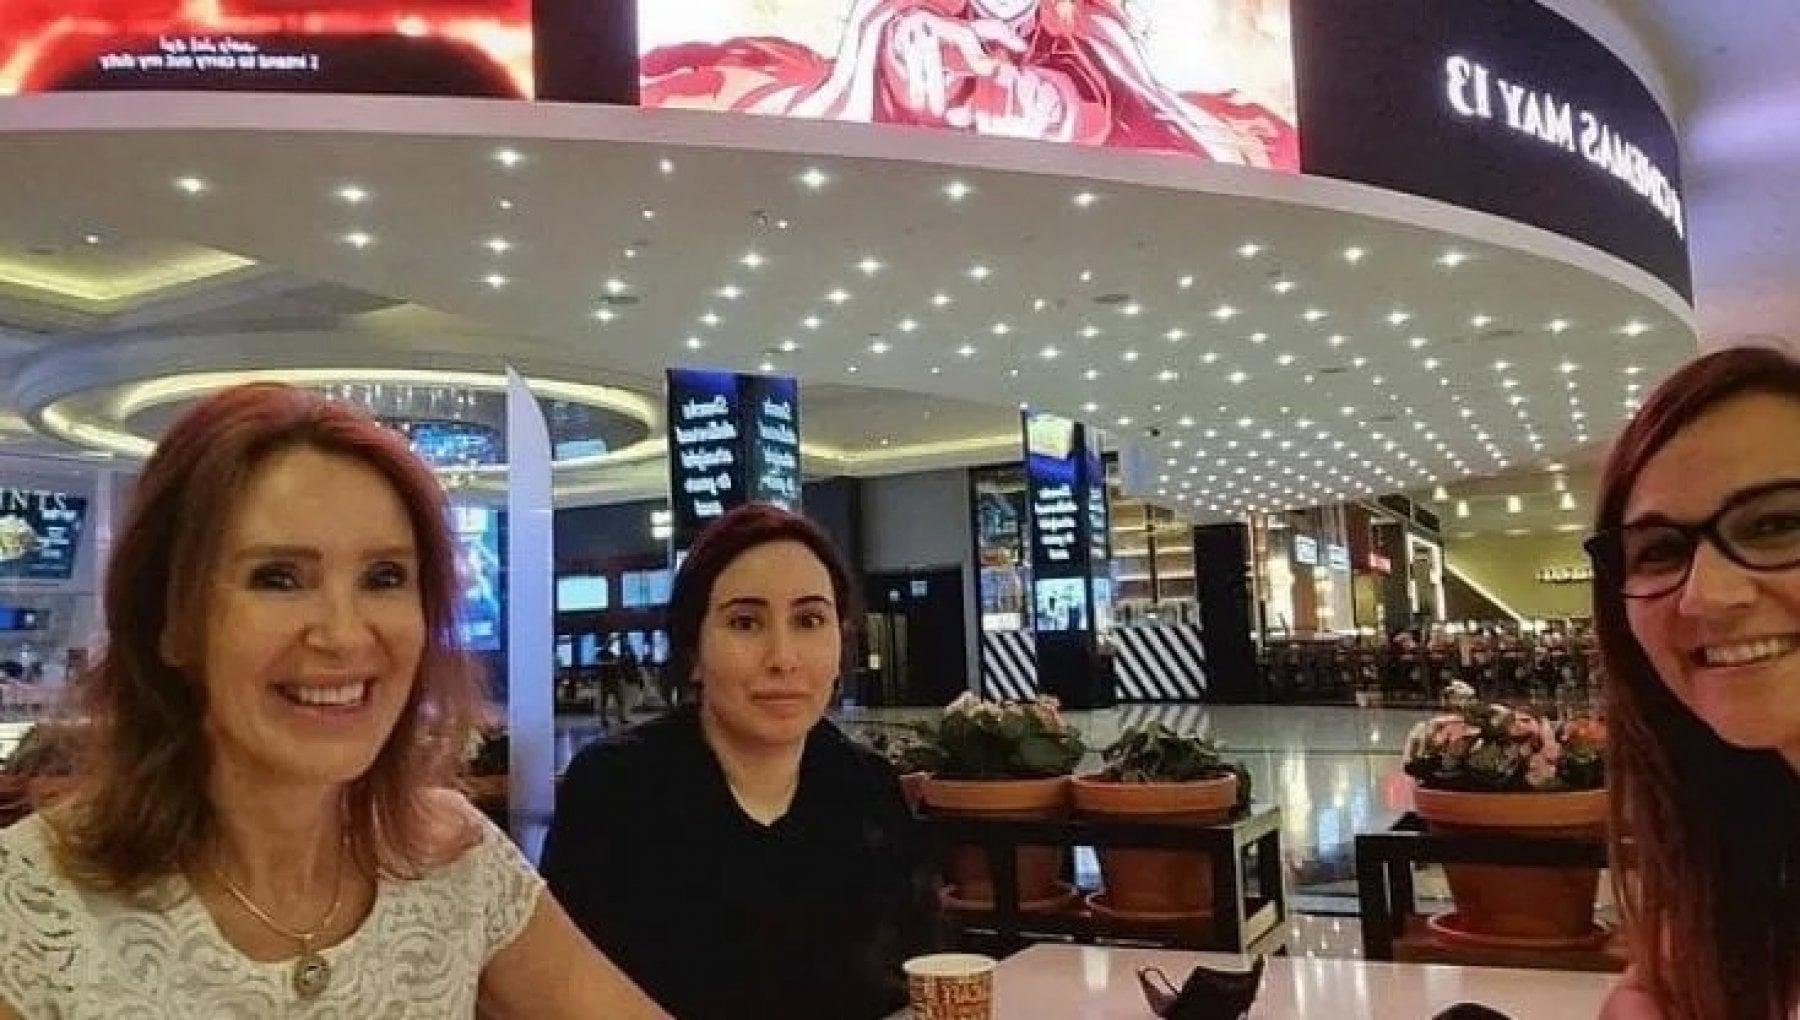 125031482 c2feb096 7c03 410c ab0f 5ee5d4e0ac29 - Fu l'Fbi a tradire Latifa, la principessa ribelle in fuga dagli Emirati